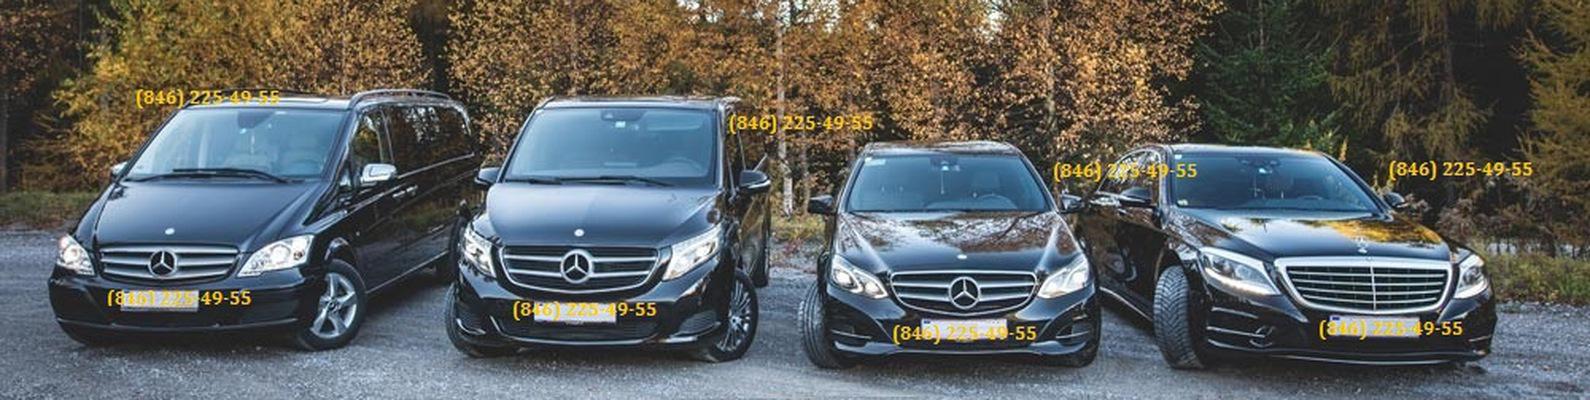 d5853881356f VIP ТАКСИ САМАРА - аренда авто премиум класса!   ВКонтакте